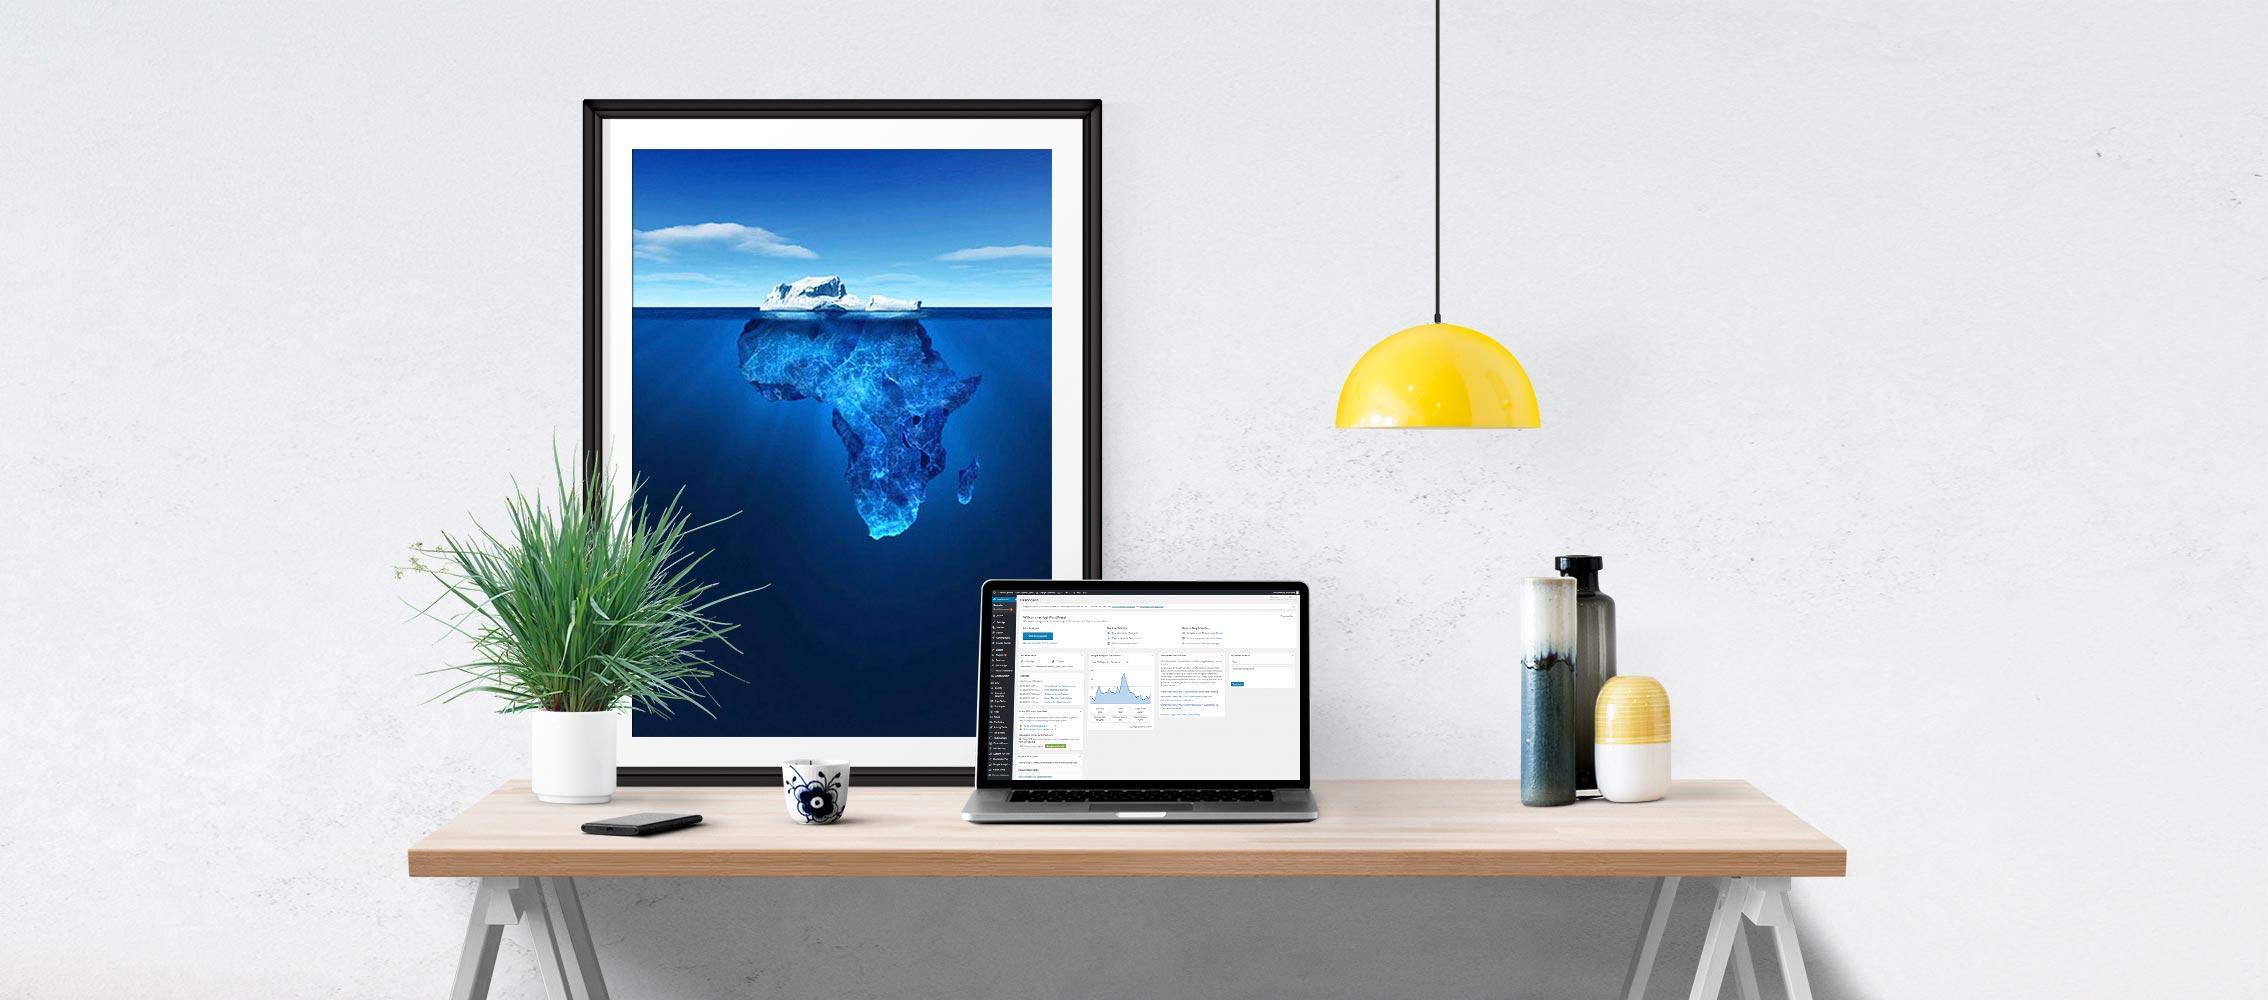 DesignTerminal Online Marketing